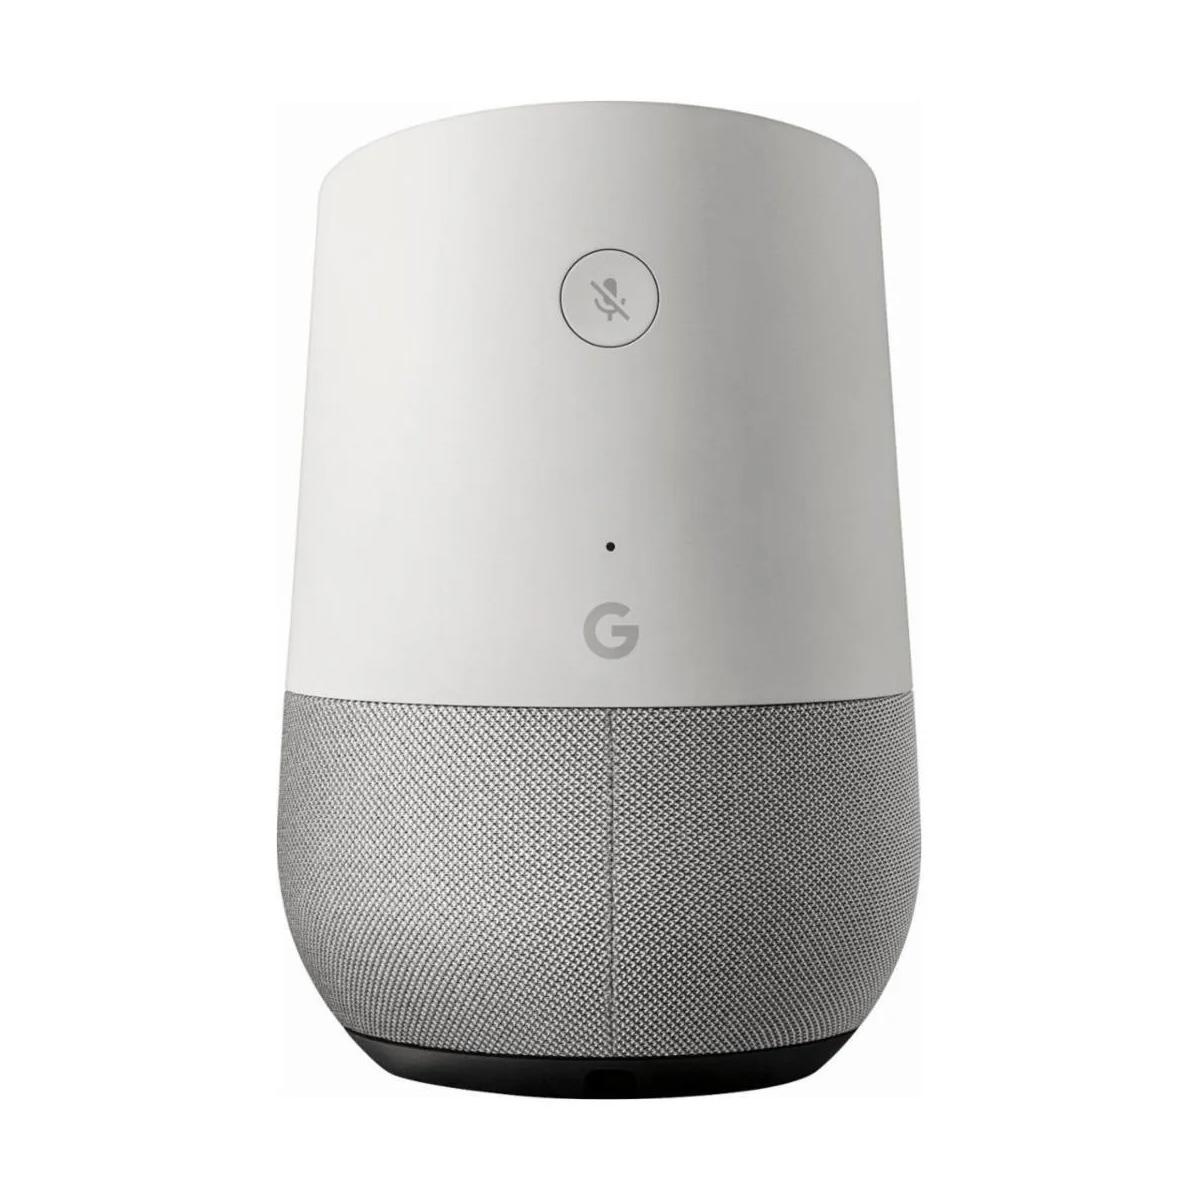 Google Home Caixa De Som Assistente Pessoal Original Outlet